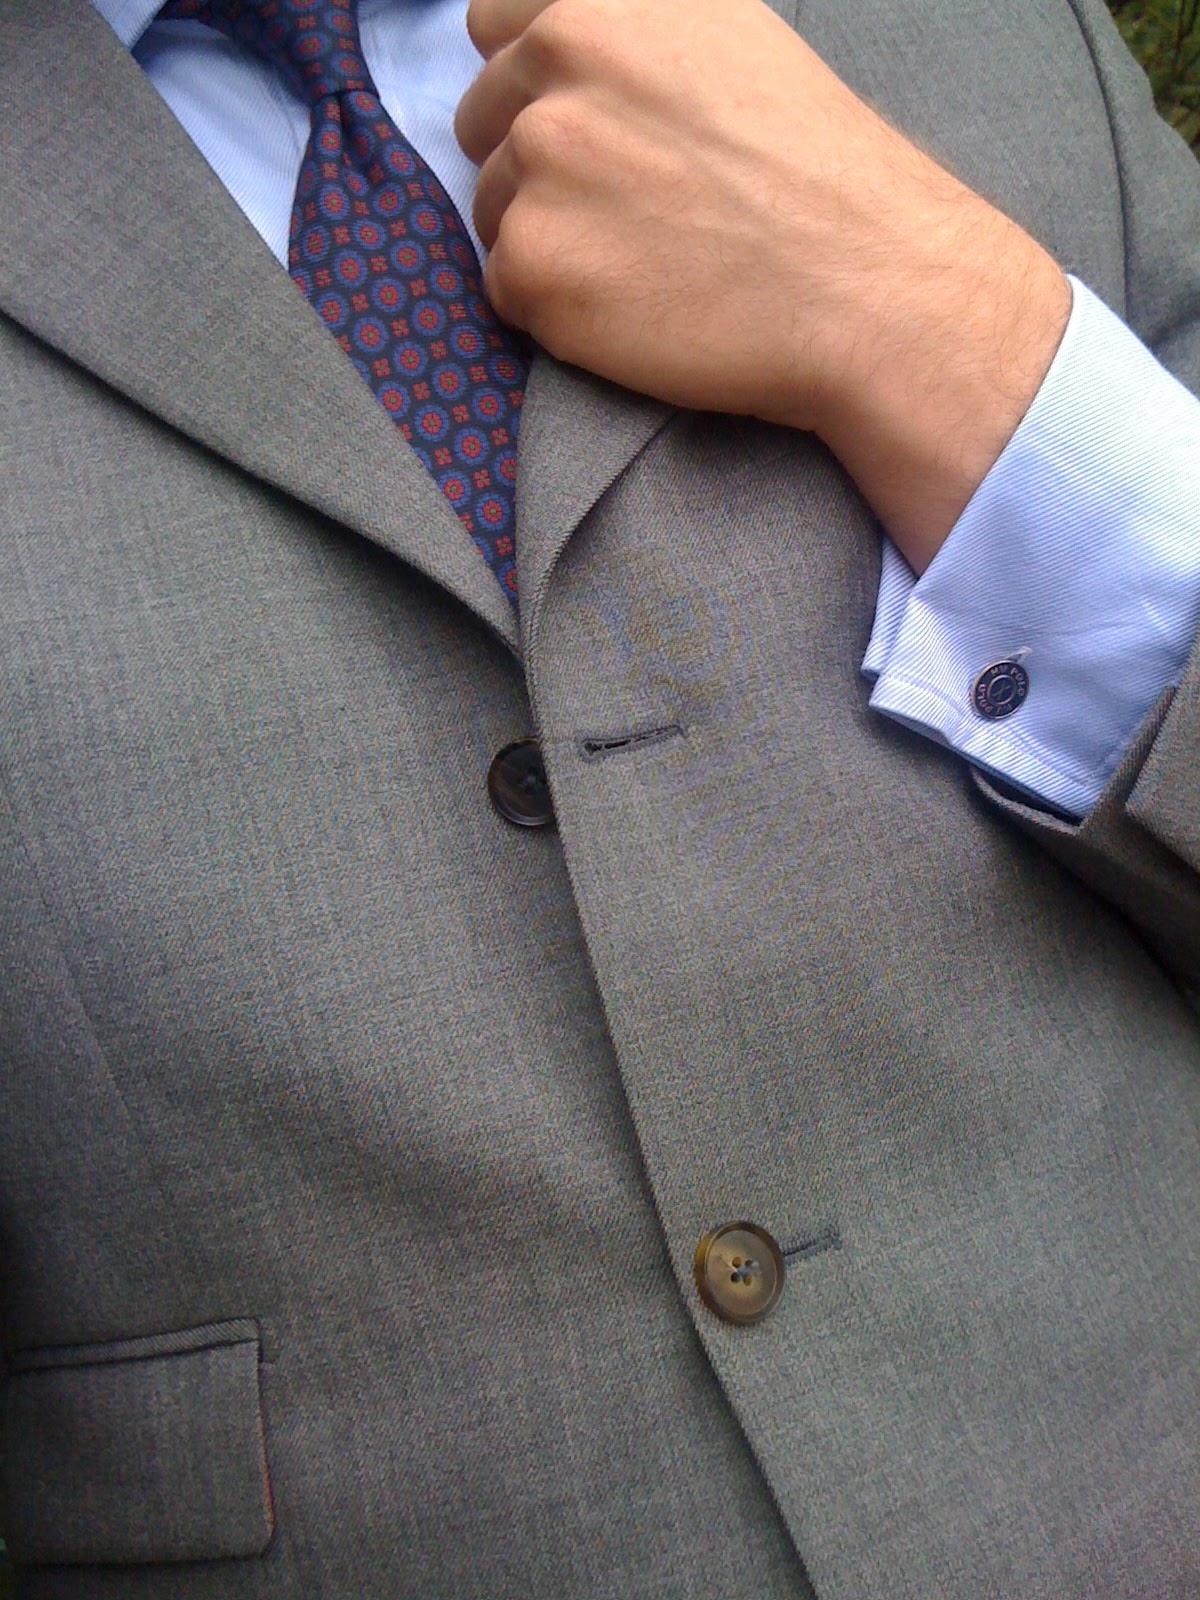 Monasterio Chap September 2011 How To Tie A The Doublewrap Double Windsor Knot Der Anzug Ist Ein Stiffy Aus Holland Und Sherry Wolle